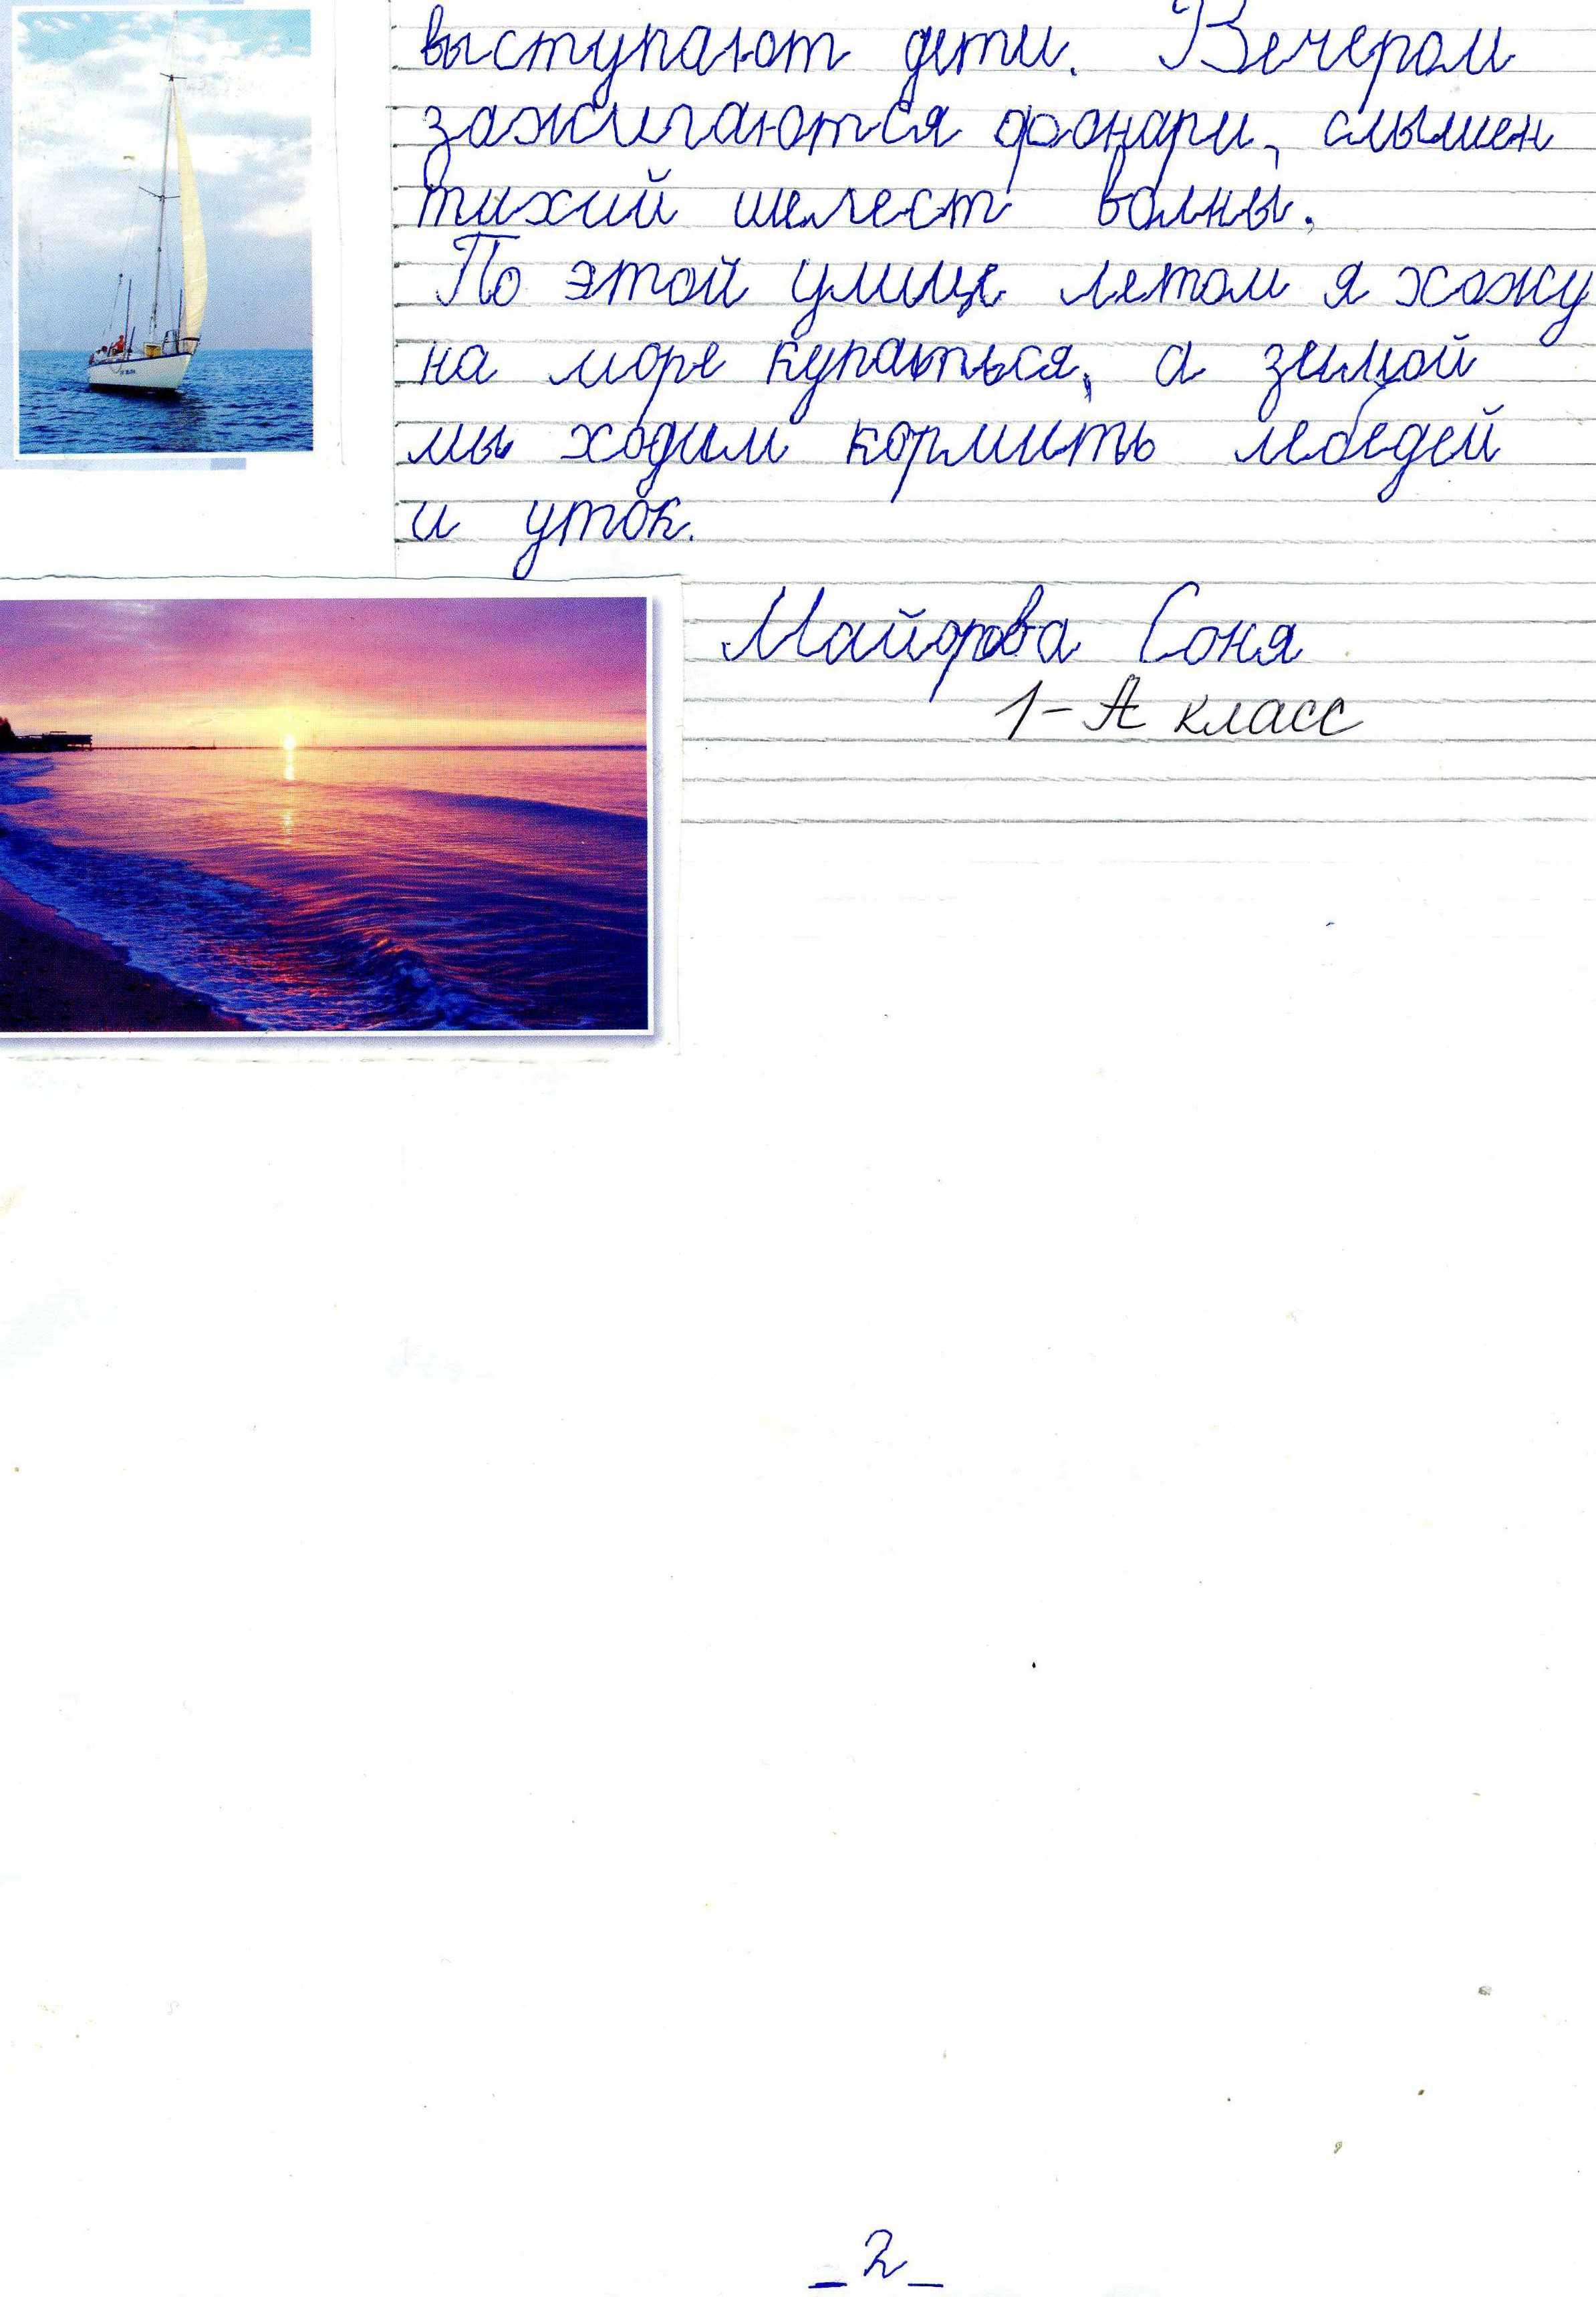 C:\Documents and Settings\Администратор\Мои документы\Мои рисунки\img010.jpg